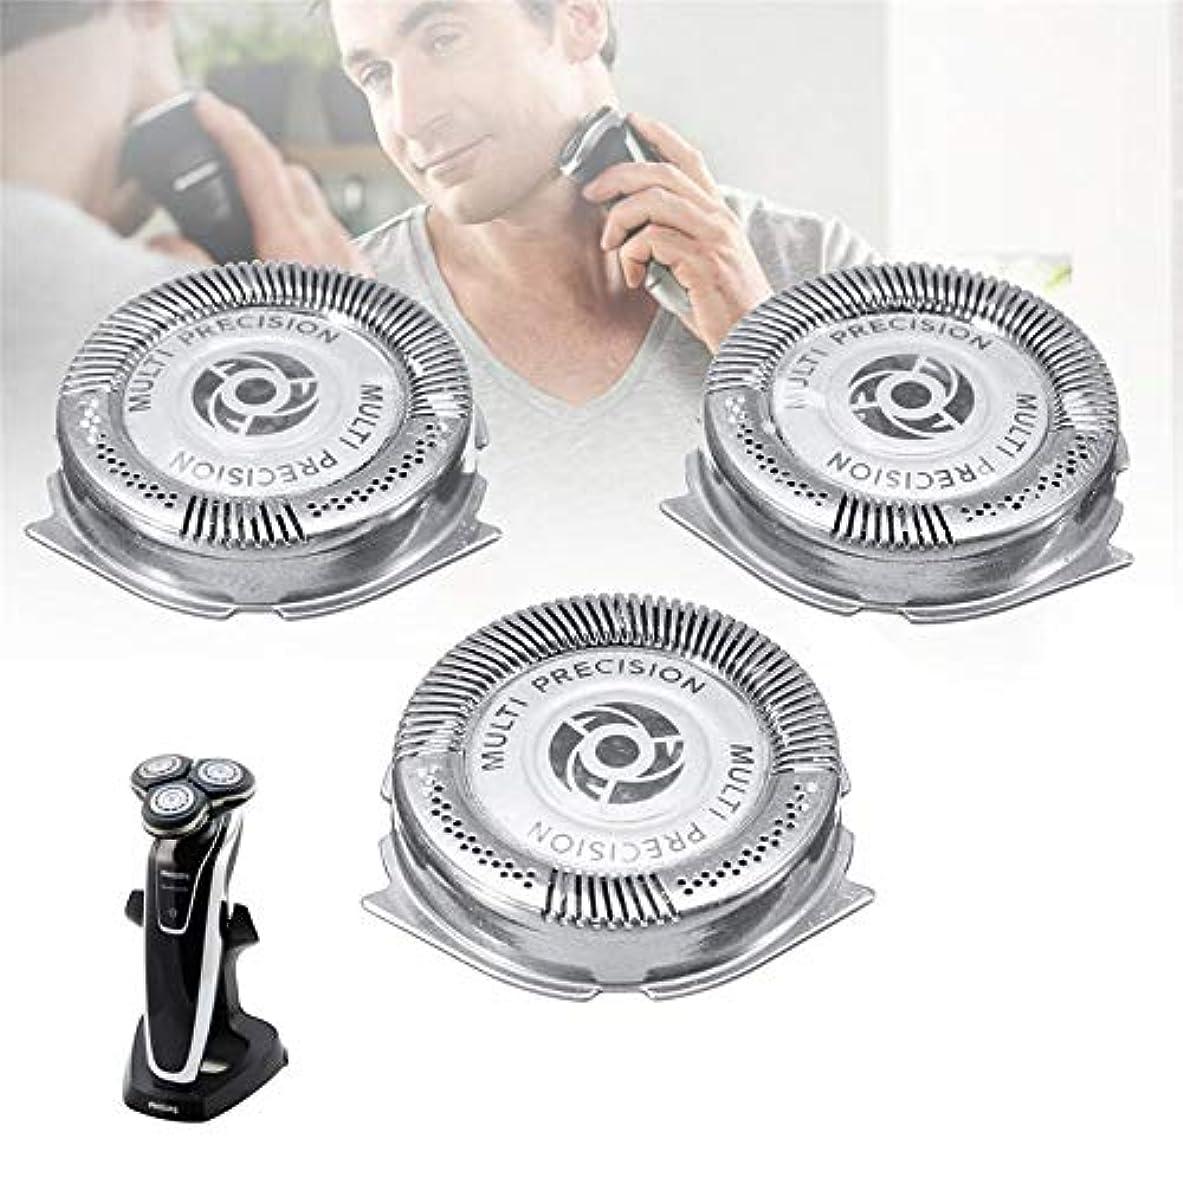 回転させるプレゼン封筒シェーバーカミソリヘッド交換替え刃 に適用する 替刃 メンズシェーバー用 セット刃 髭剃り フィリップスシリーズ5000シェーバーSH 50 / 51 / 52 HQ 8用 3個入